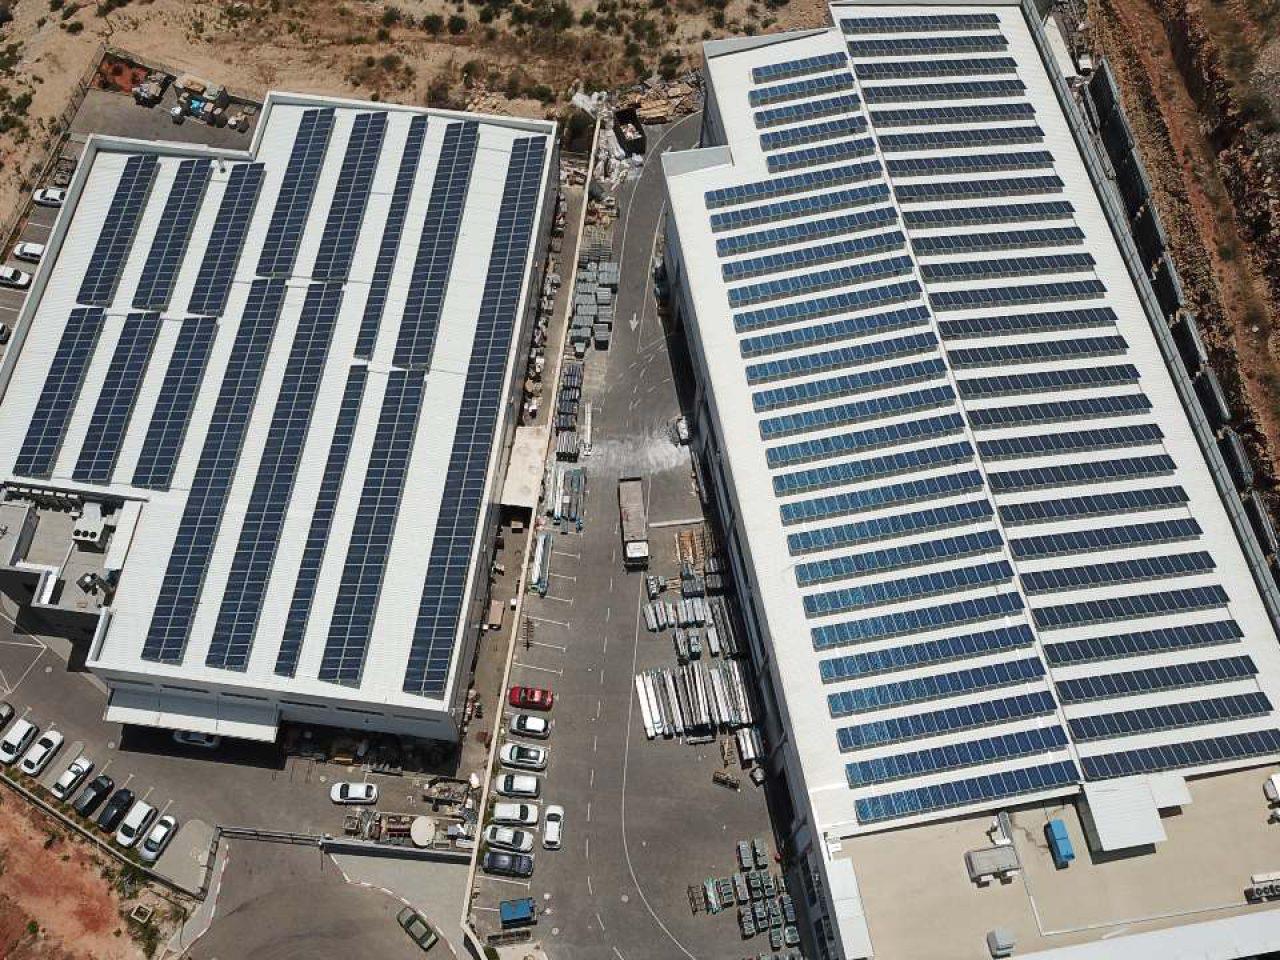 התקנת מערכות סולאריות מסחריות